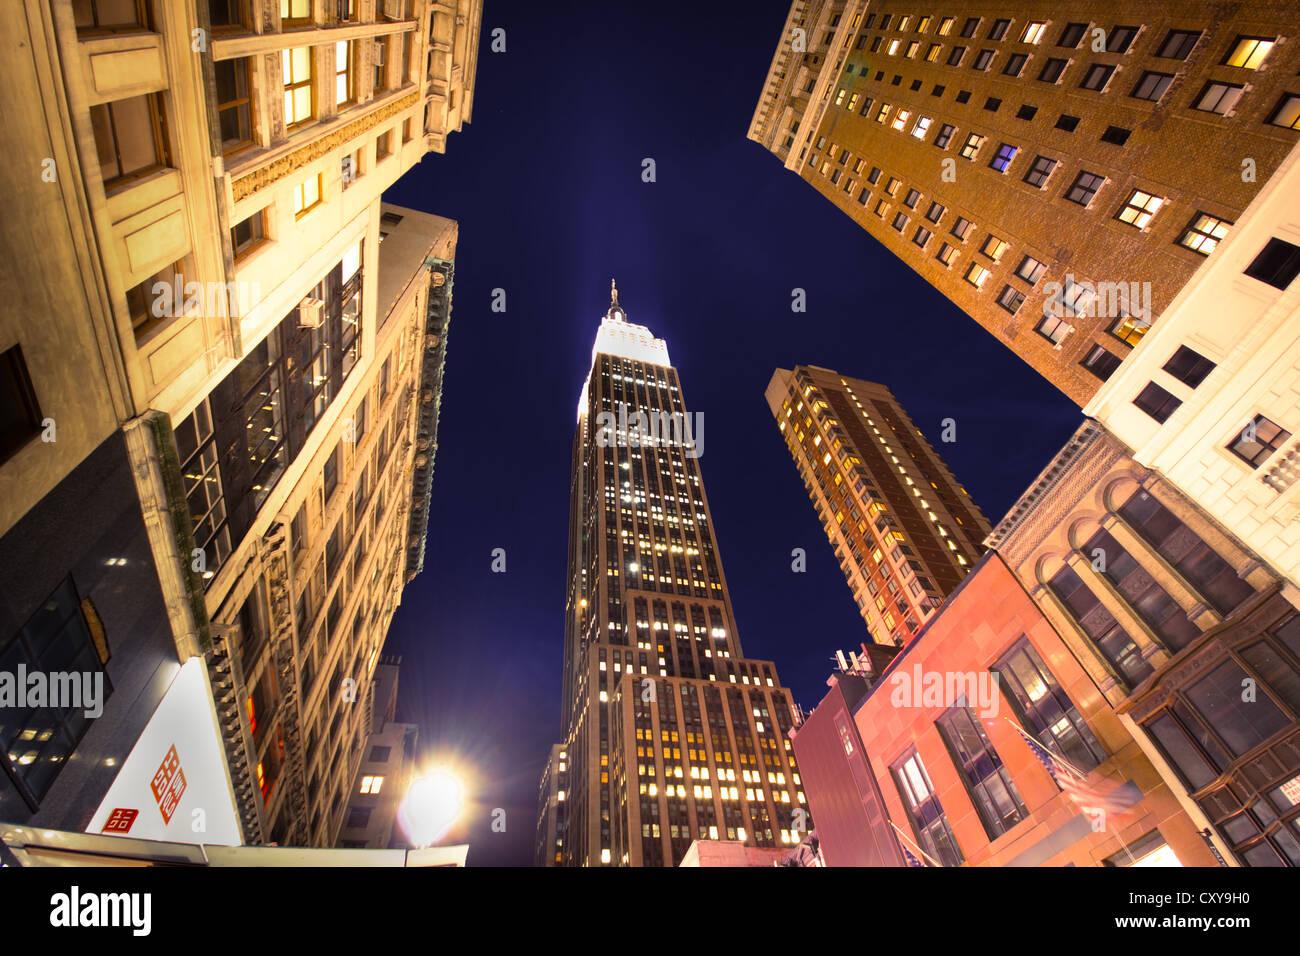 NEW YORK CITY - SEPT 13: Landmark Empire State e degli edifici circostanti in midtown Manhattan sulla notte di settembre Immagini Stock